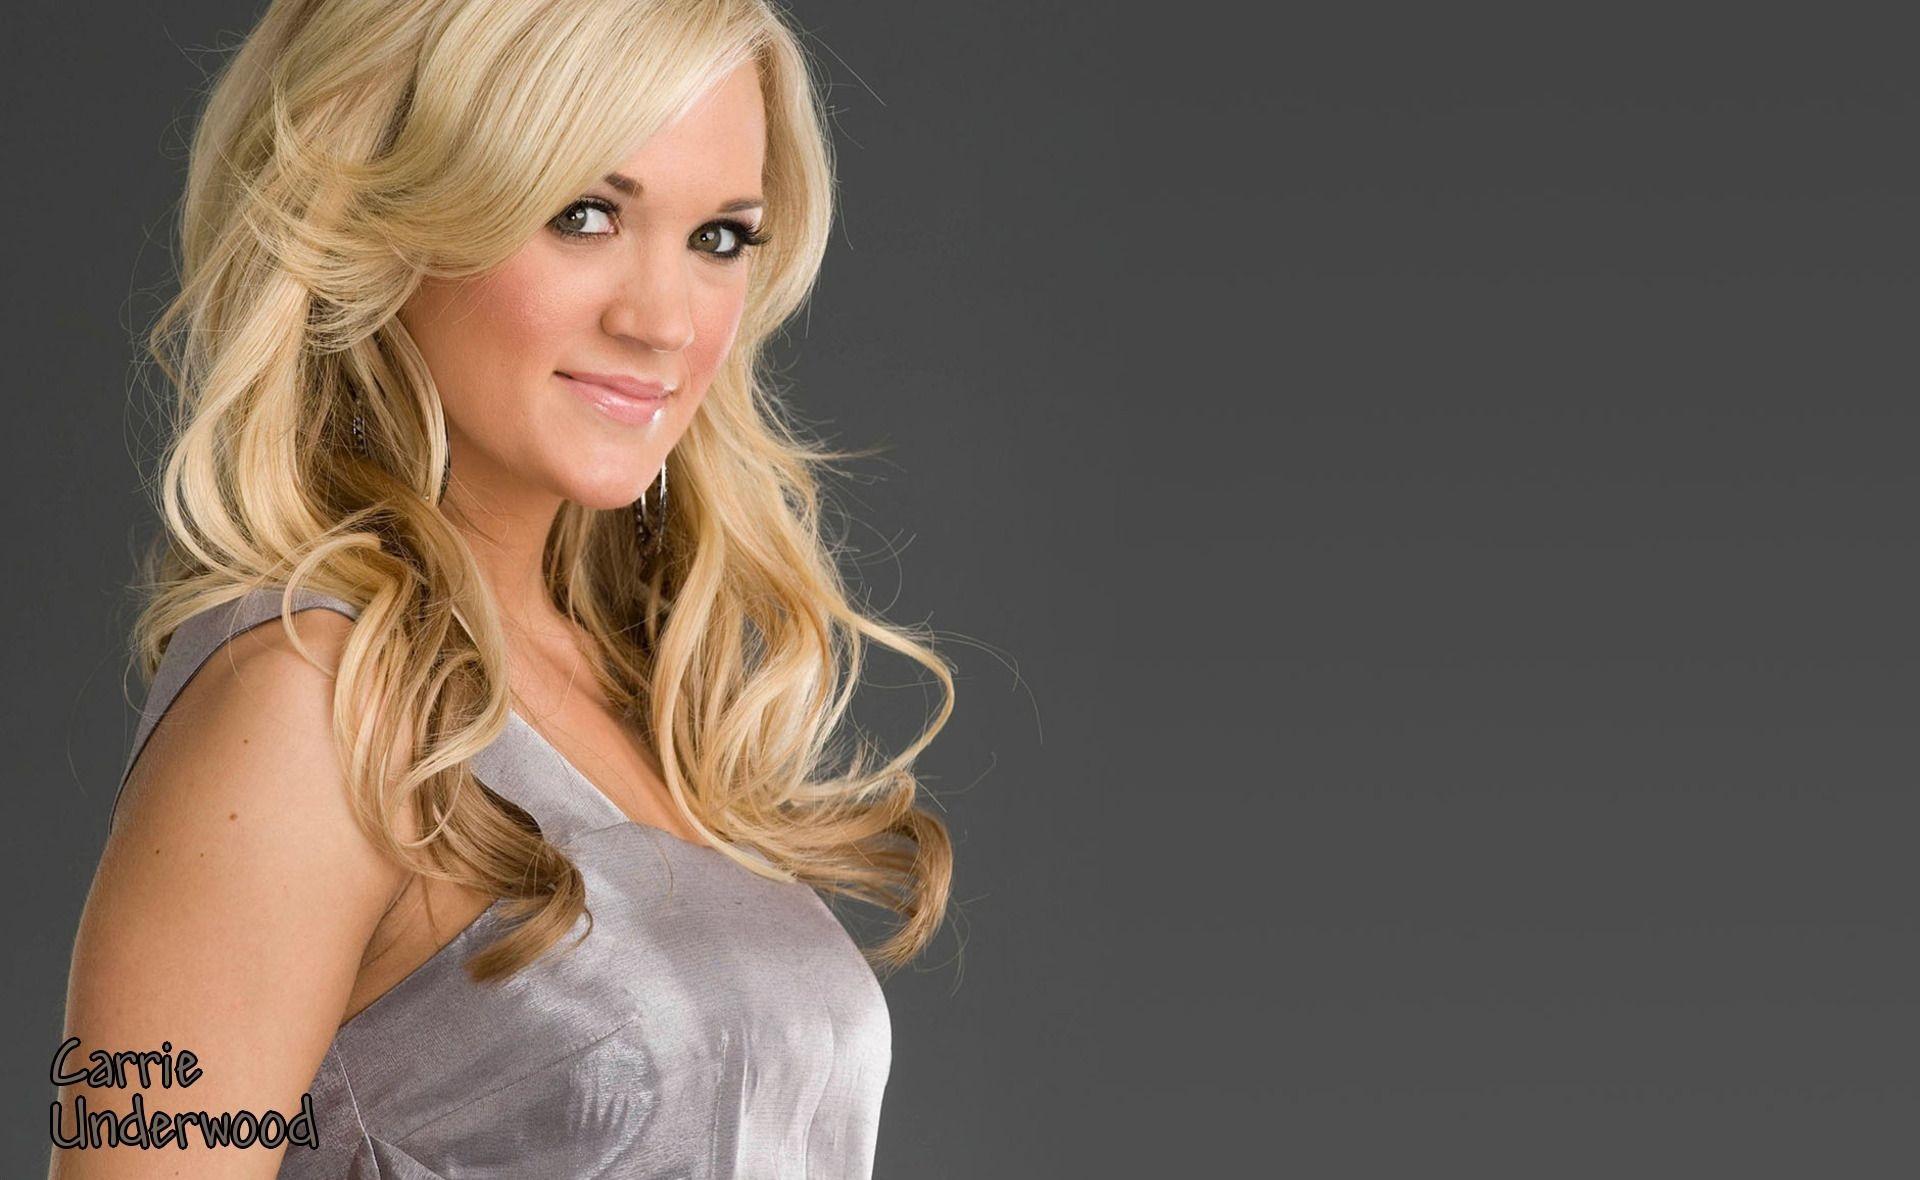 Carrie Underwood Desktop Wallpaper